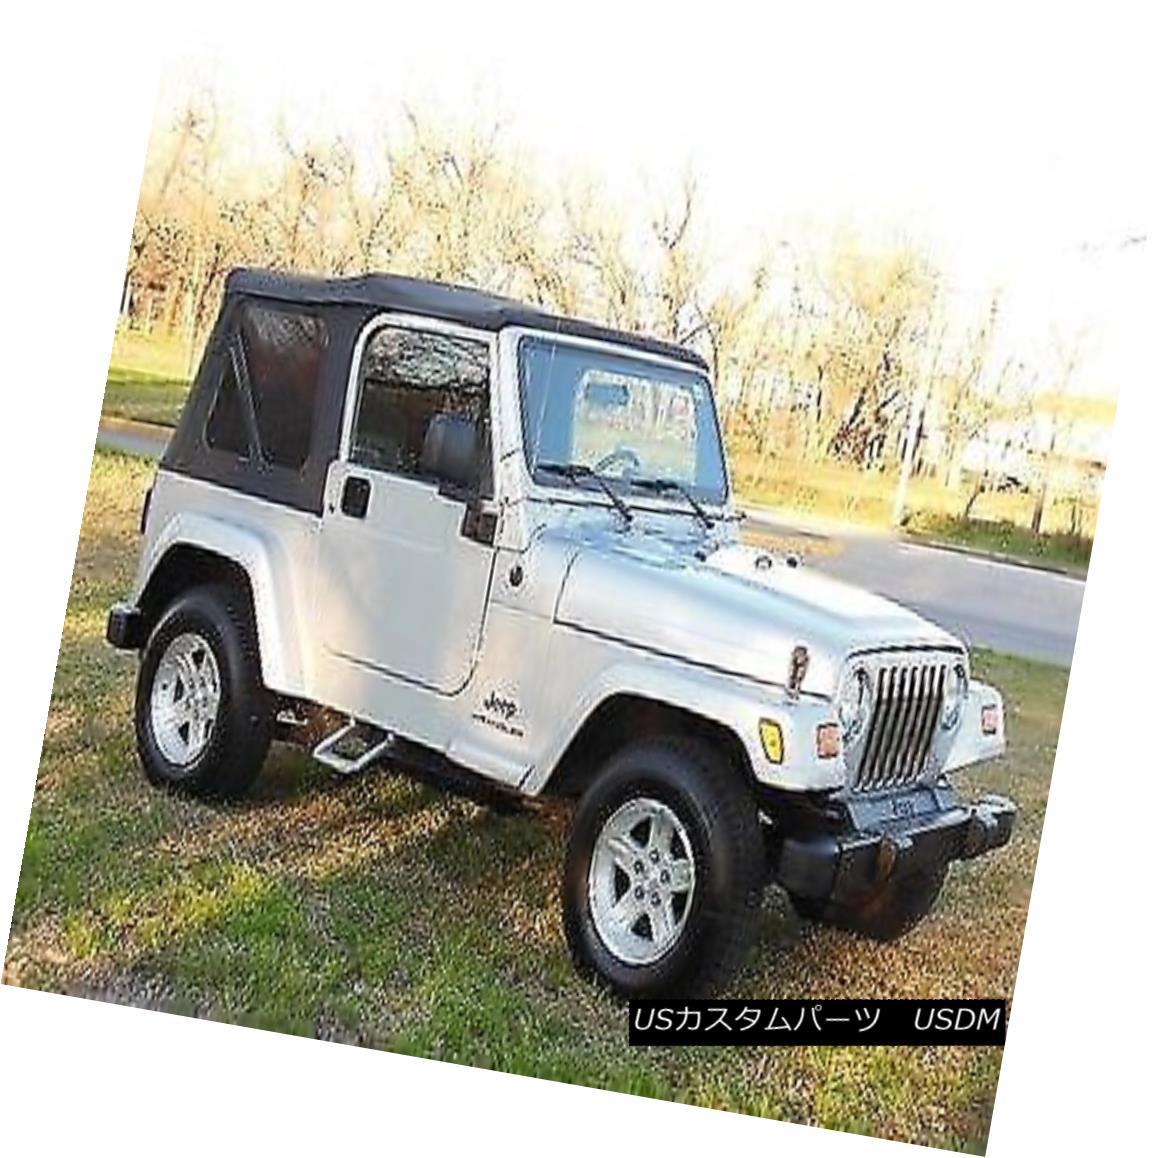 幌・ソフトトップ 97-06 Jeep Wrangler Soft Top with Tinted Windows 97-06ジープラングラーソフトトップ